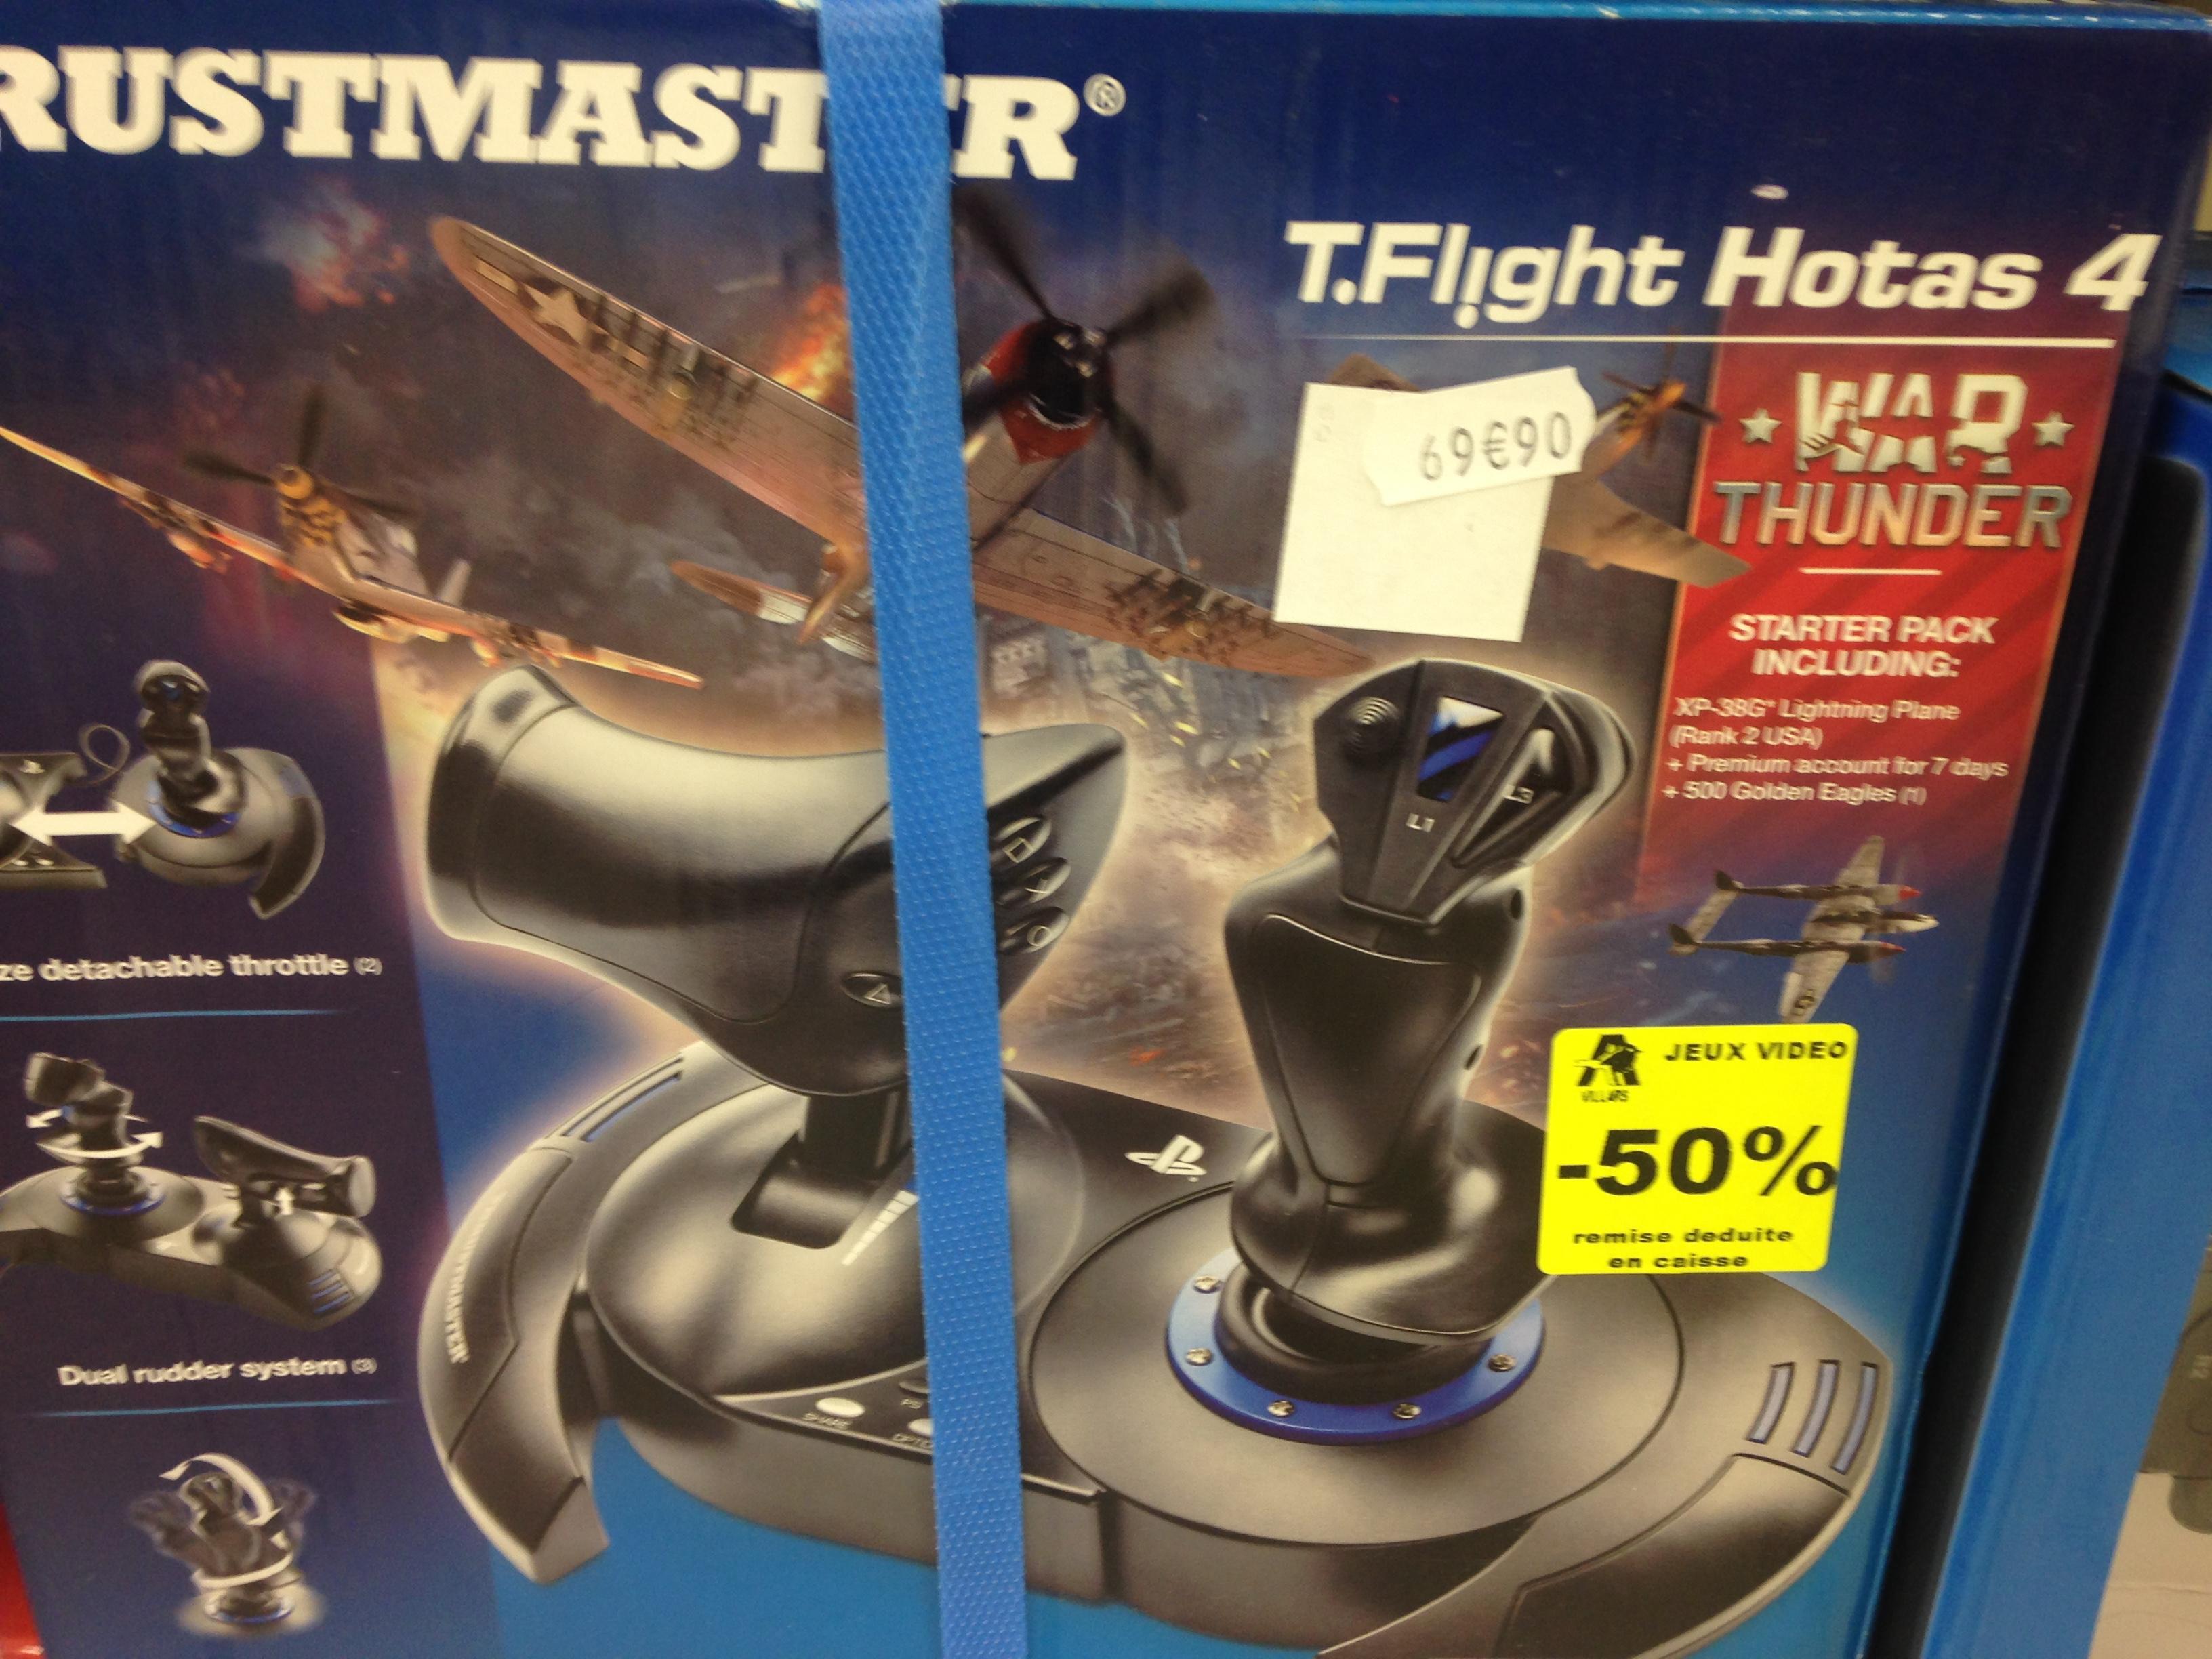 Sélection de jeux-vidéos  / Accessoires  en promo - Ex : Joystick T.Flight Hotas 4